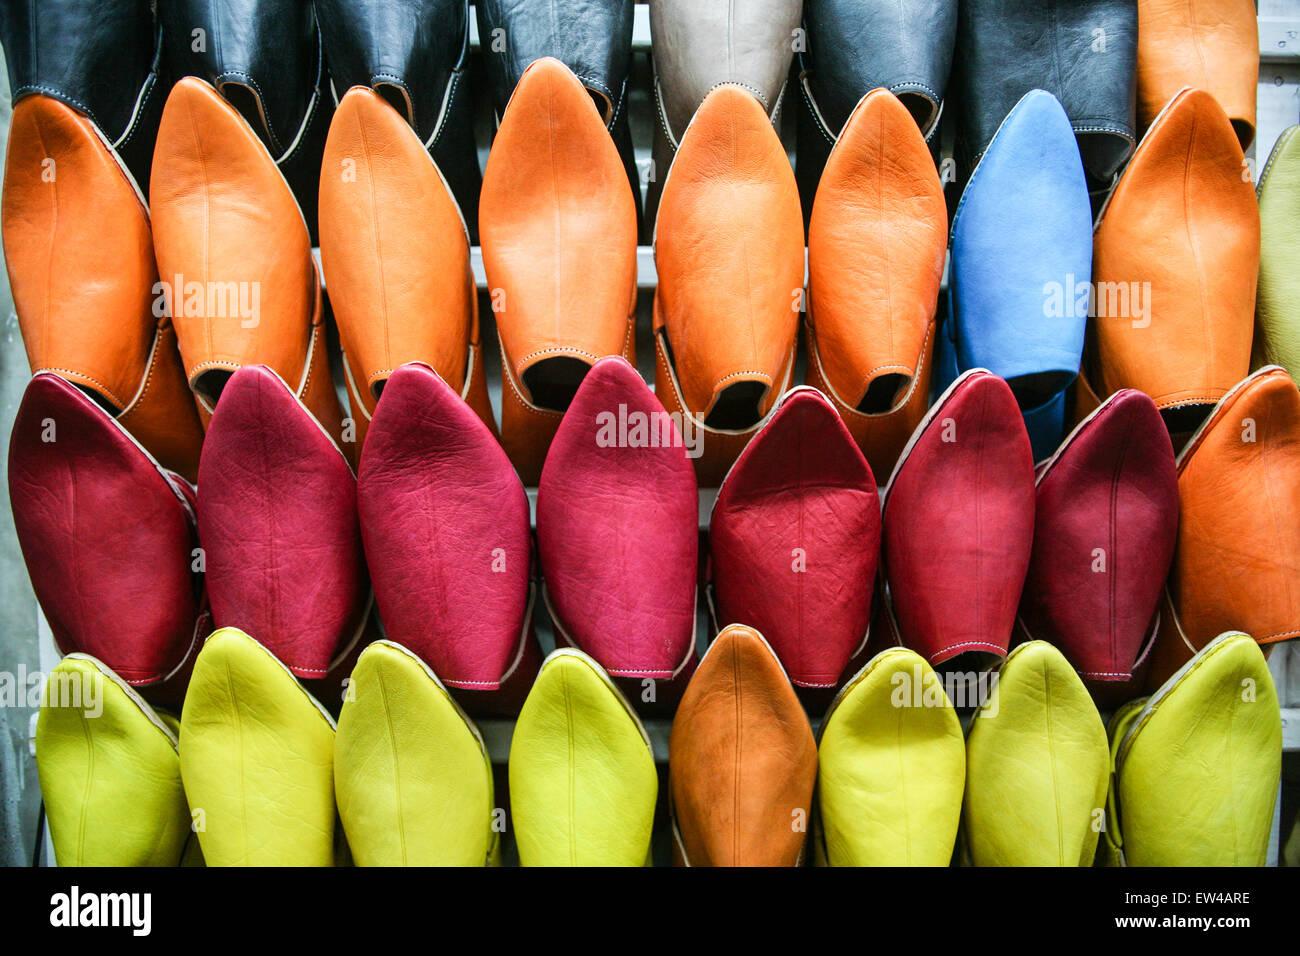 Colorato pantofole scarpe stile locale applique in pelle è